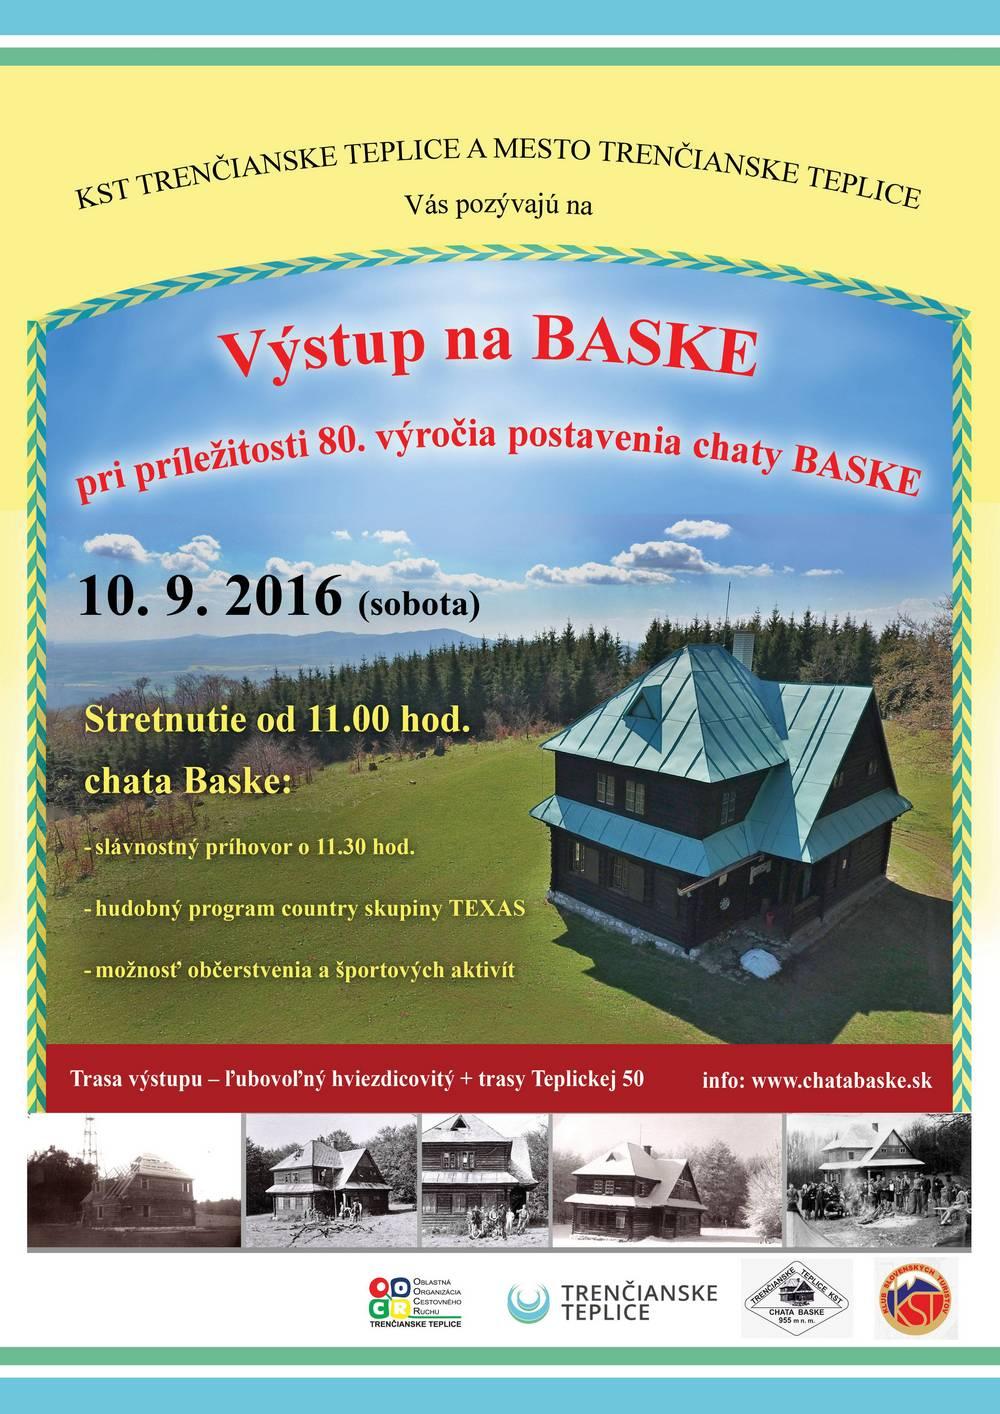 Vystup_na_Baske_web